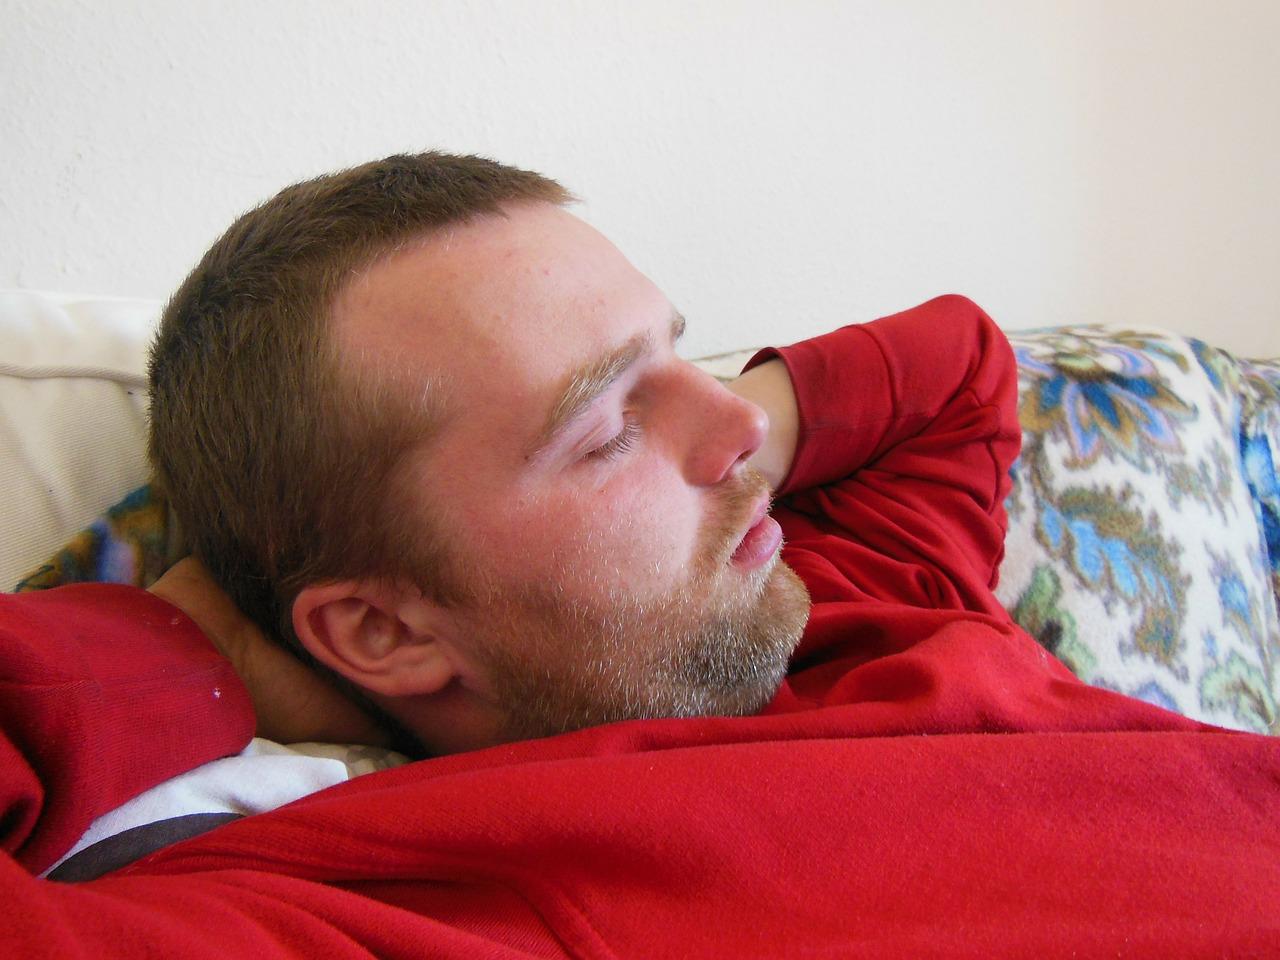 風邪の症状に似てる『悪性リンパ腫』について。症状と痛み、治療法